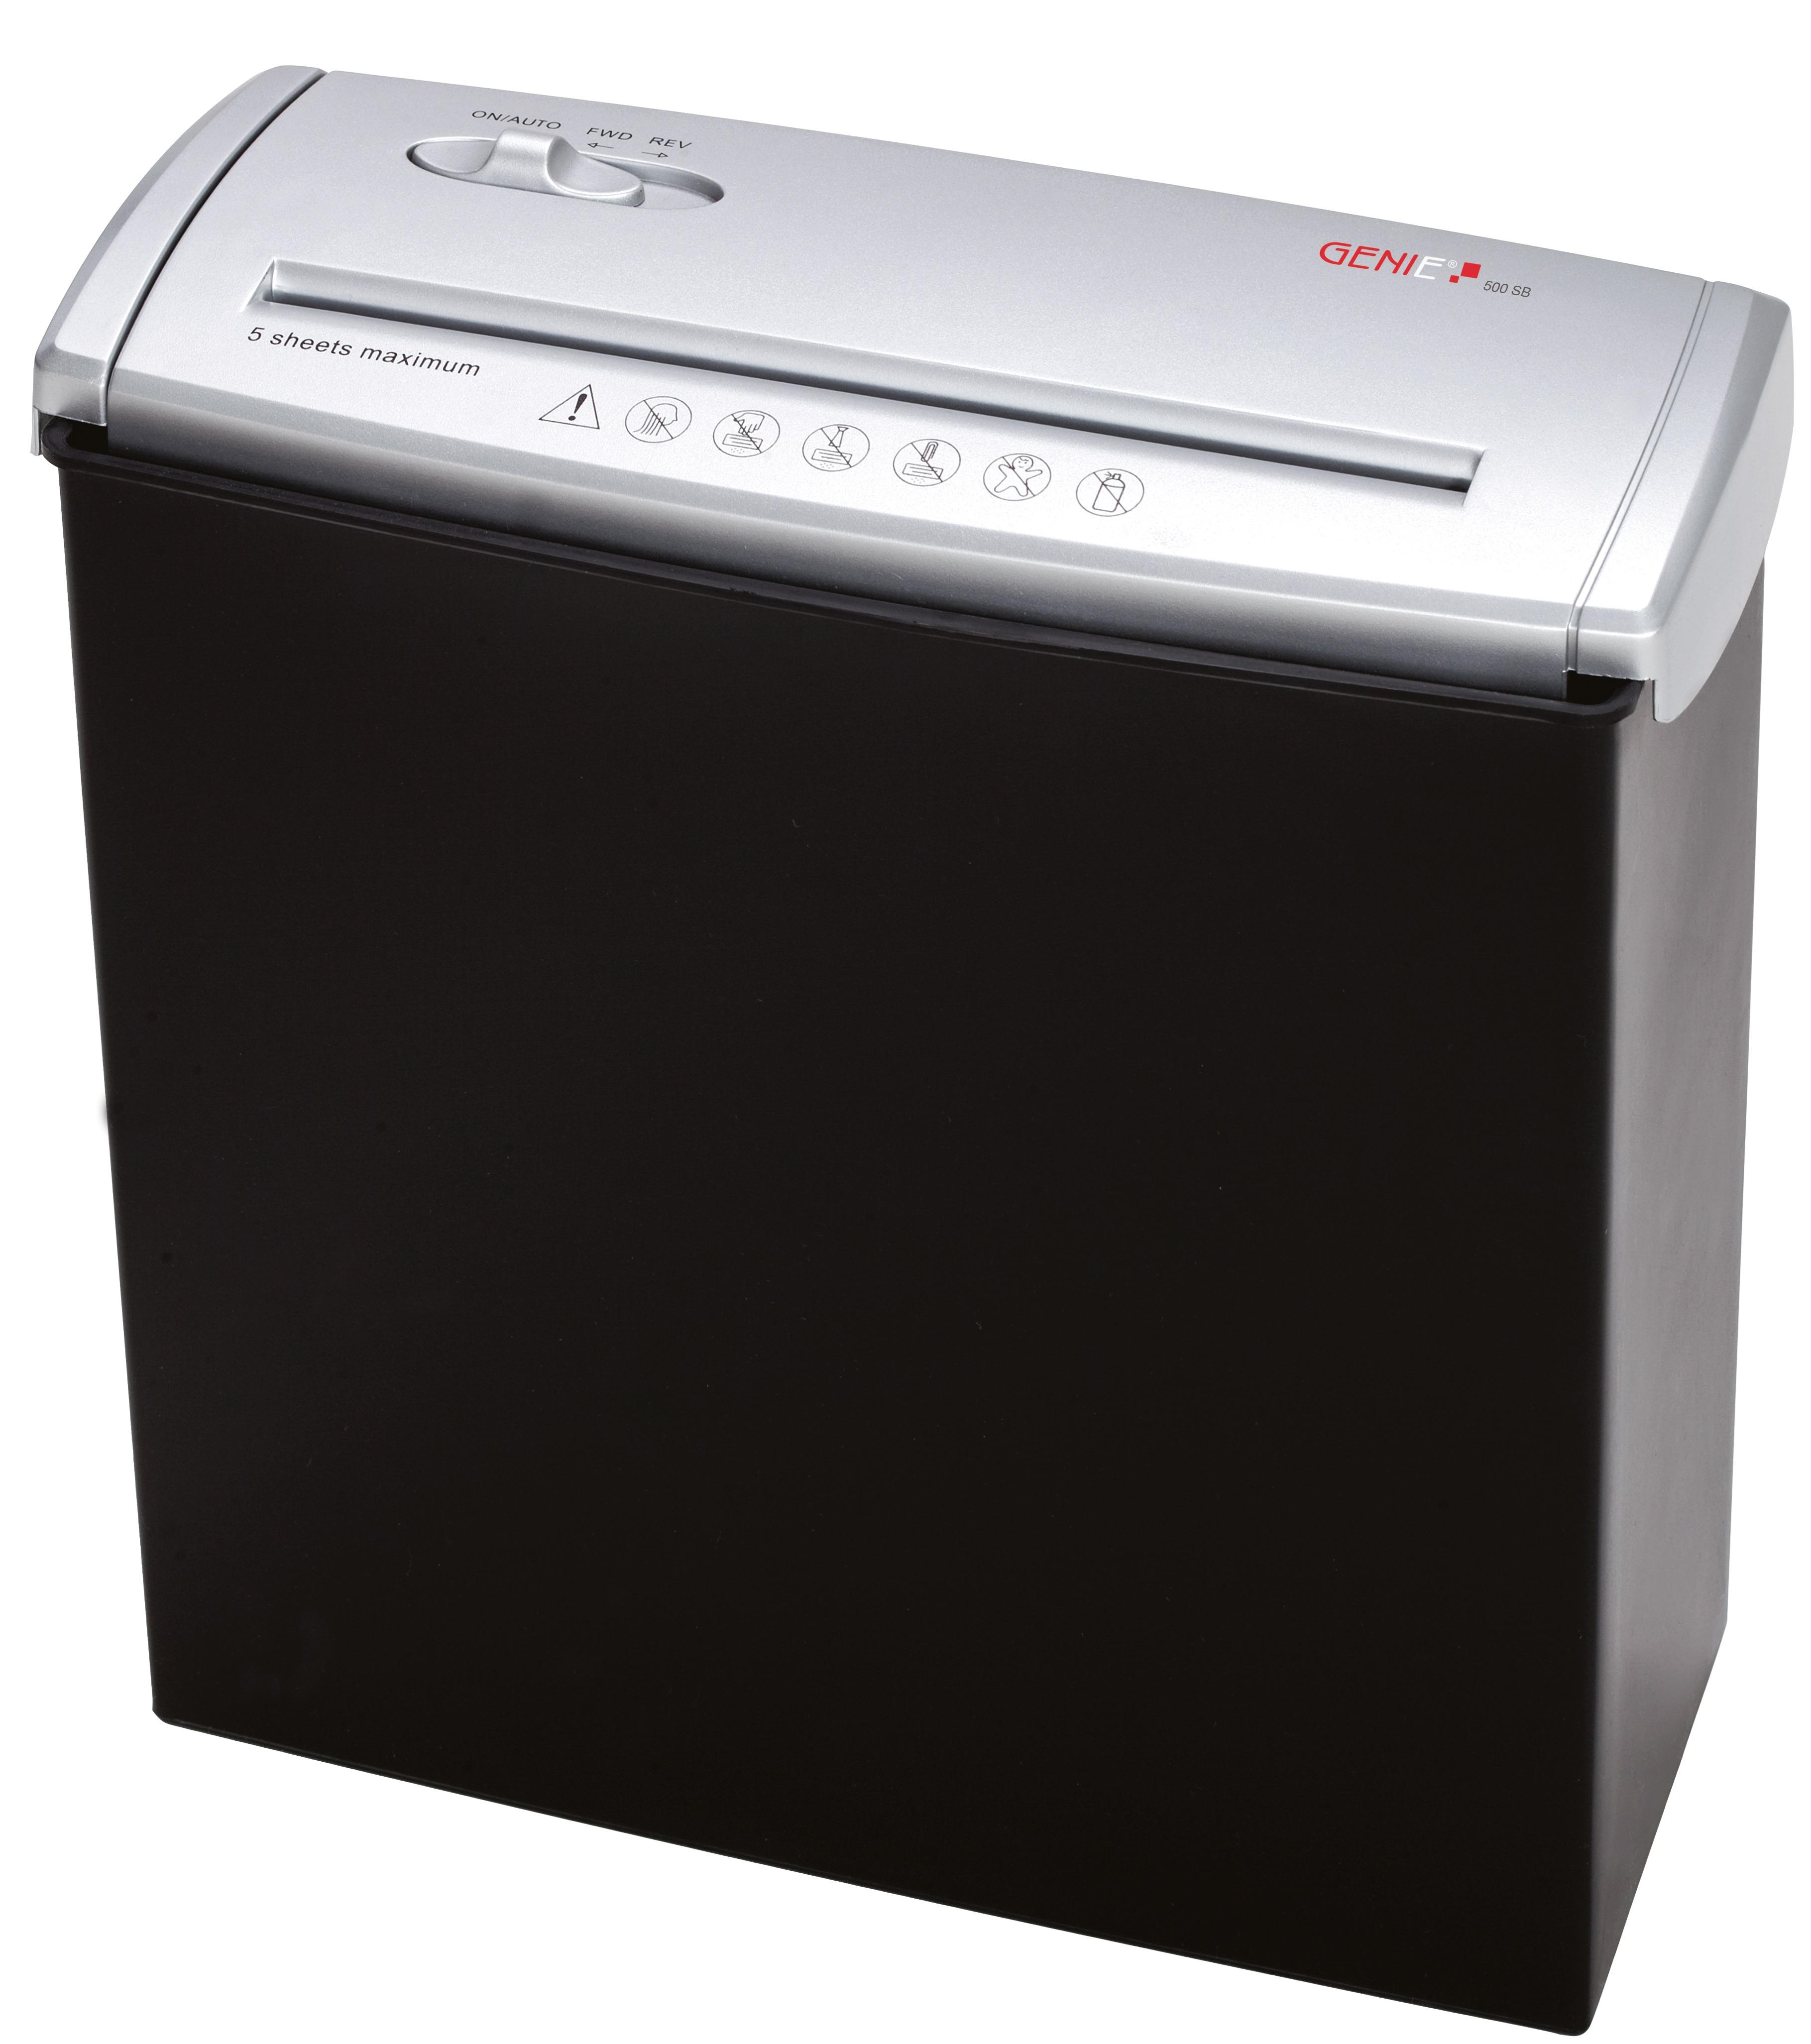 Genie 500SB black/silver